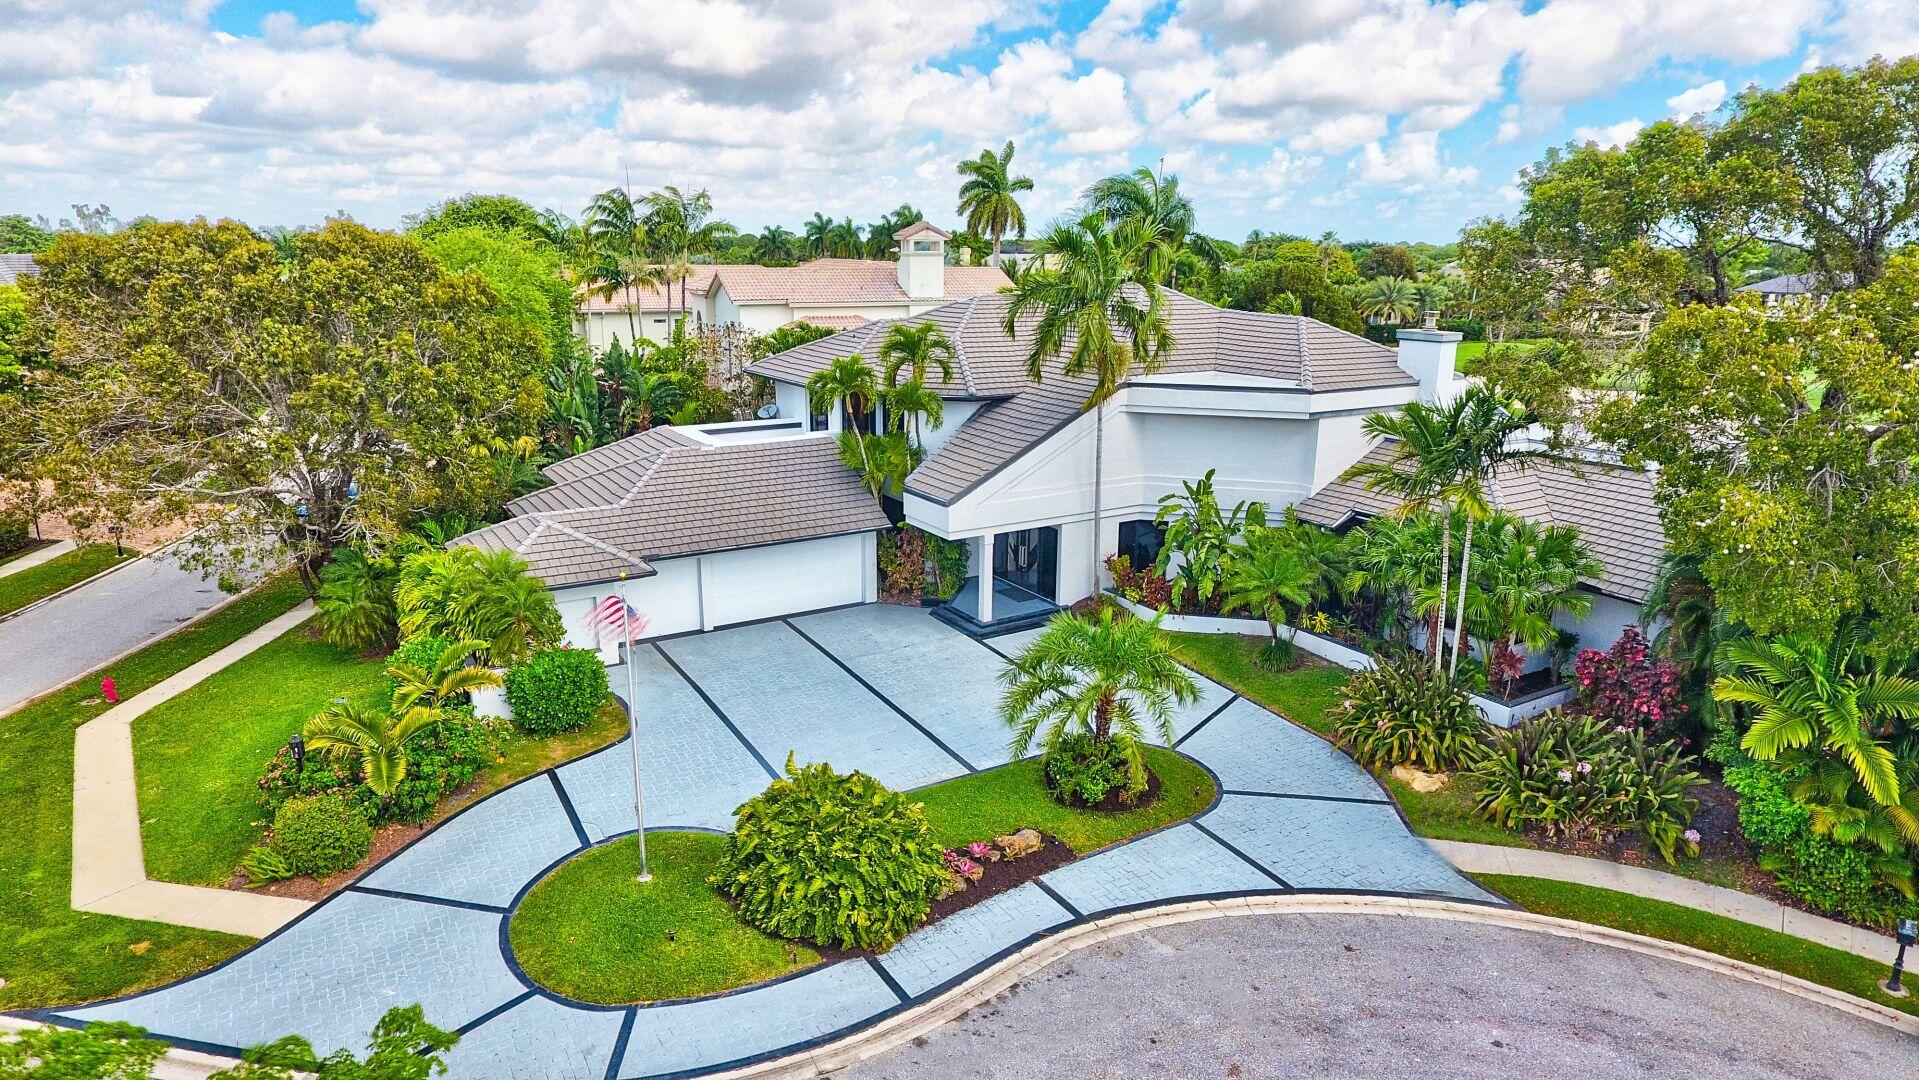 21168 Oakley Court  Boca Raton, FL 33433